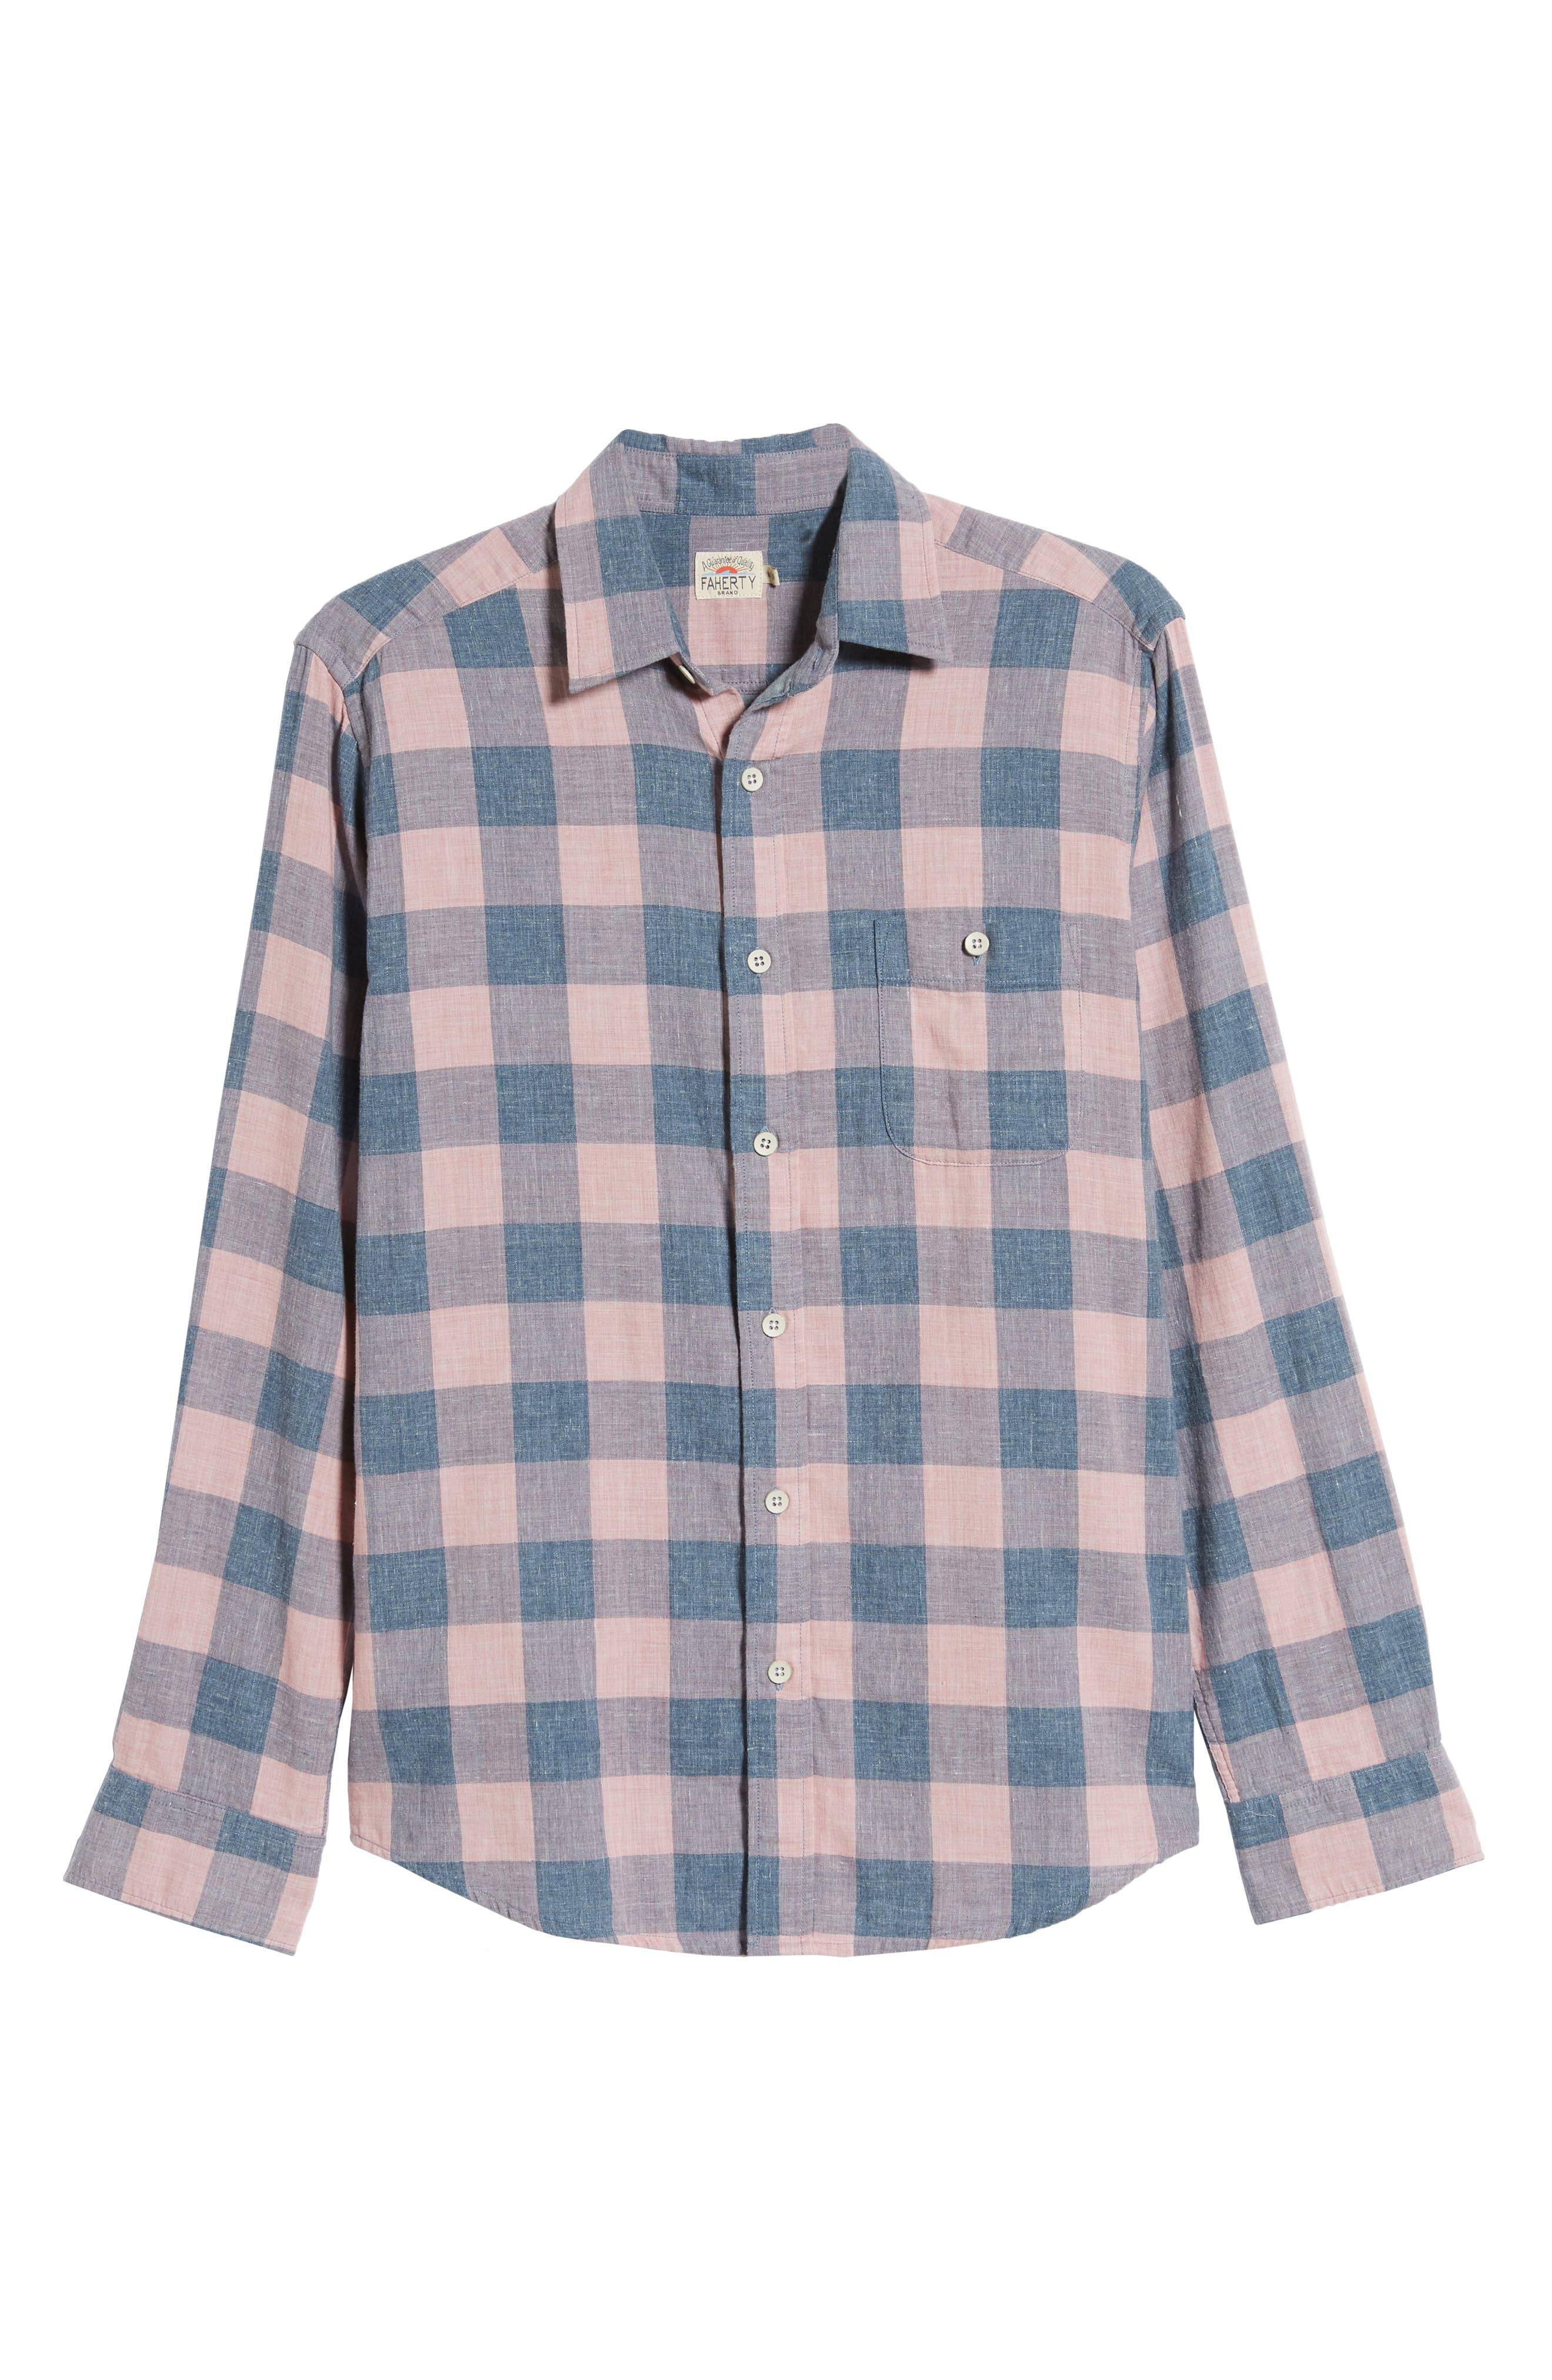 Faherty T-shirts Seaview Buffalo Check Doublecloth Shirt